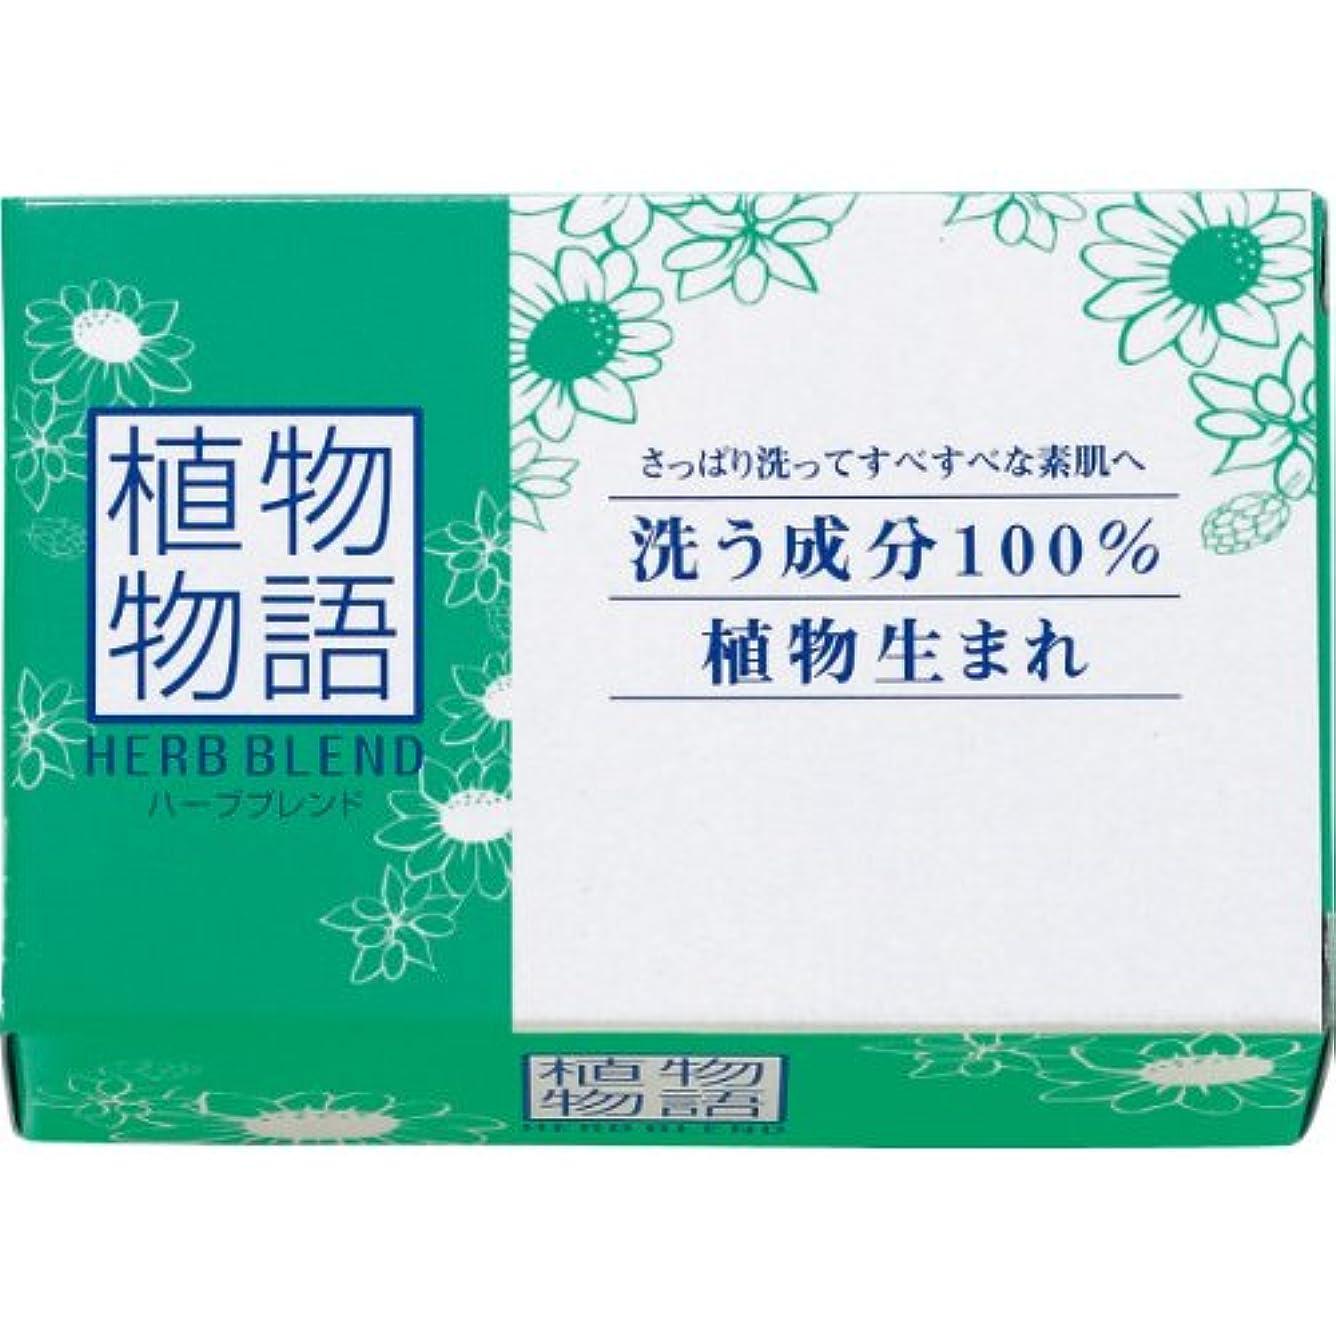 医療の脚本魔術【ライオン】植物物語ハーブブレンド 化粧石鹸 80g